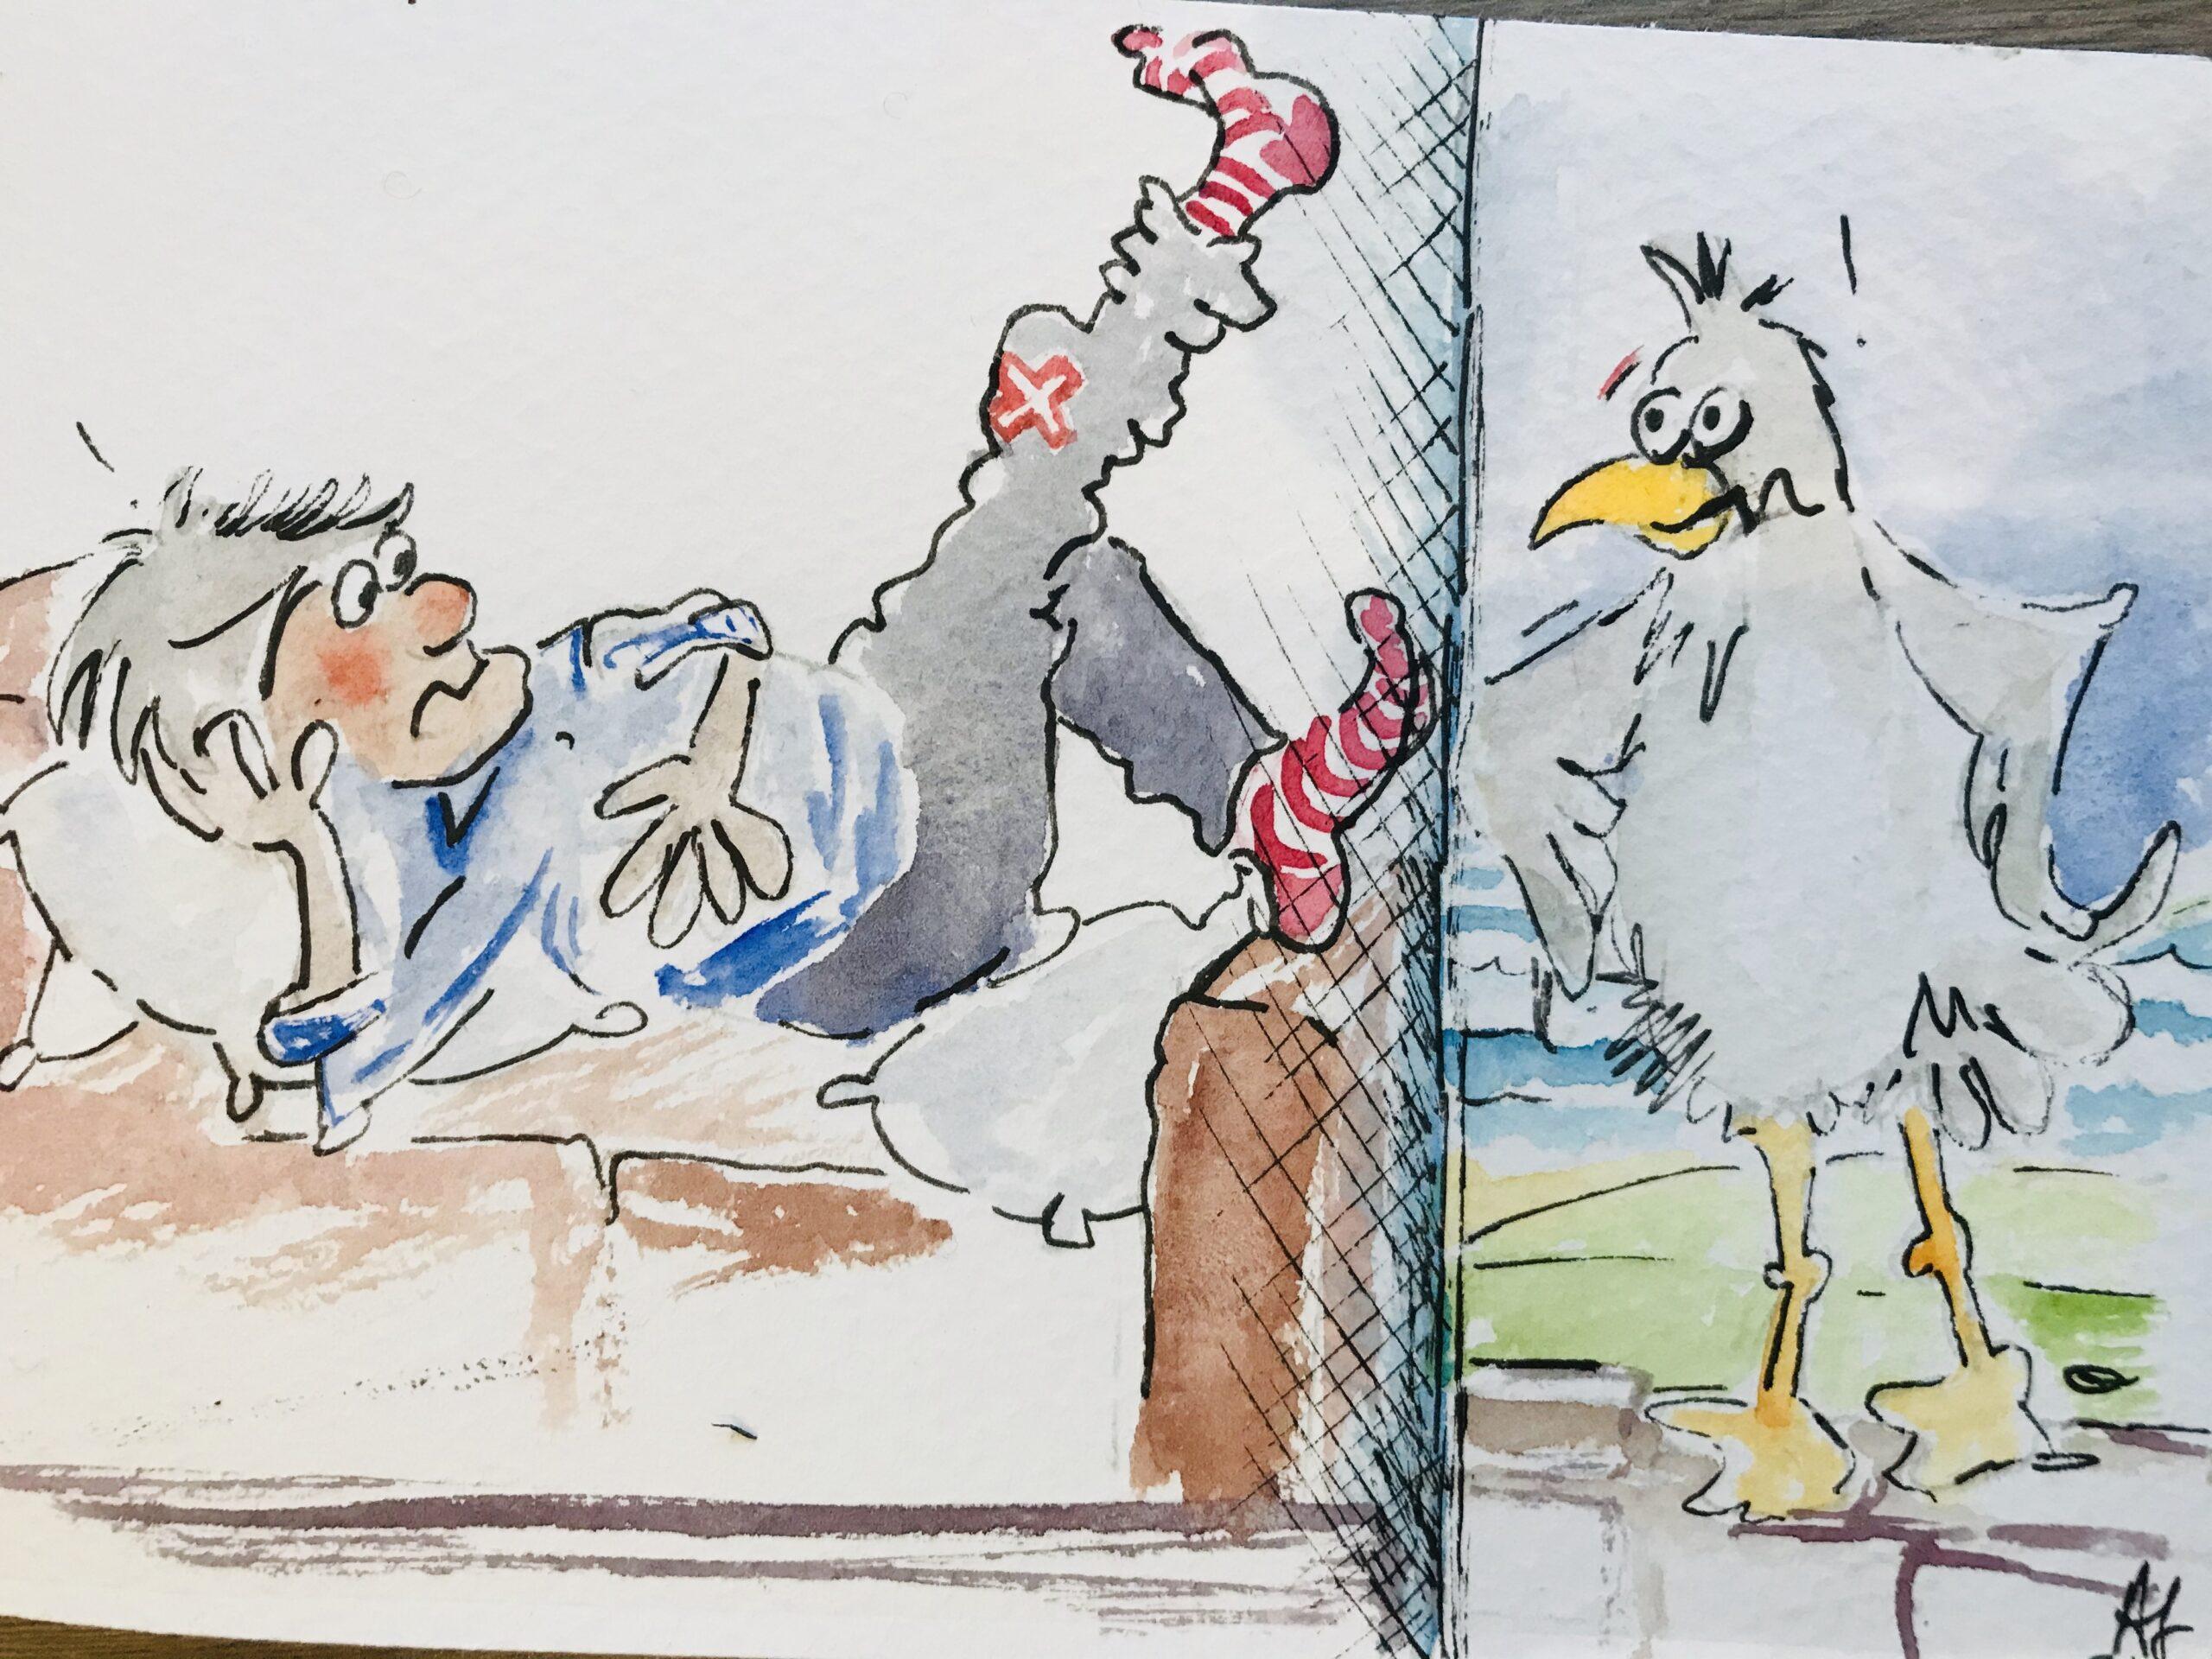 Raymond wants his breakfast cartoon drawing